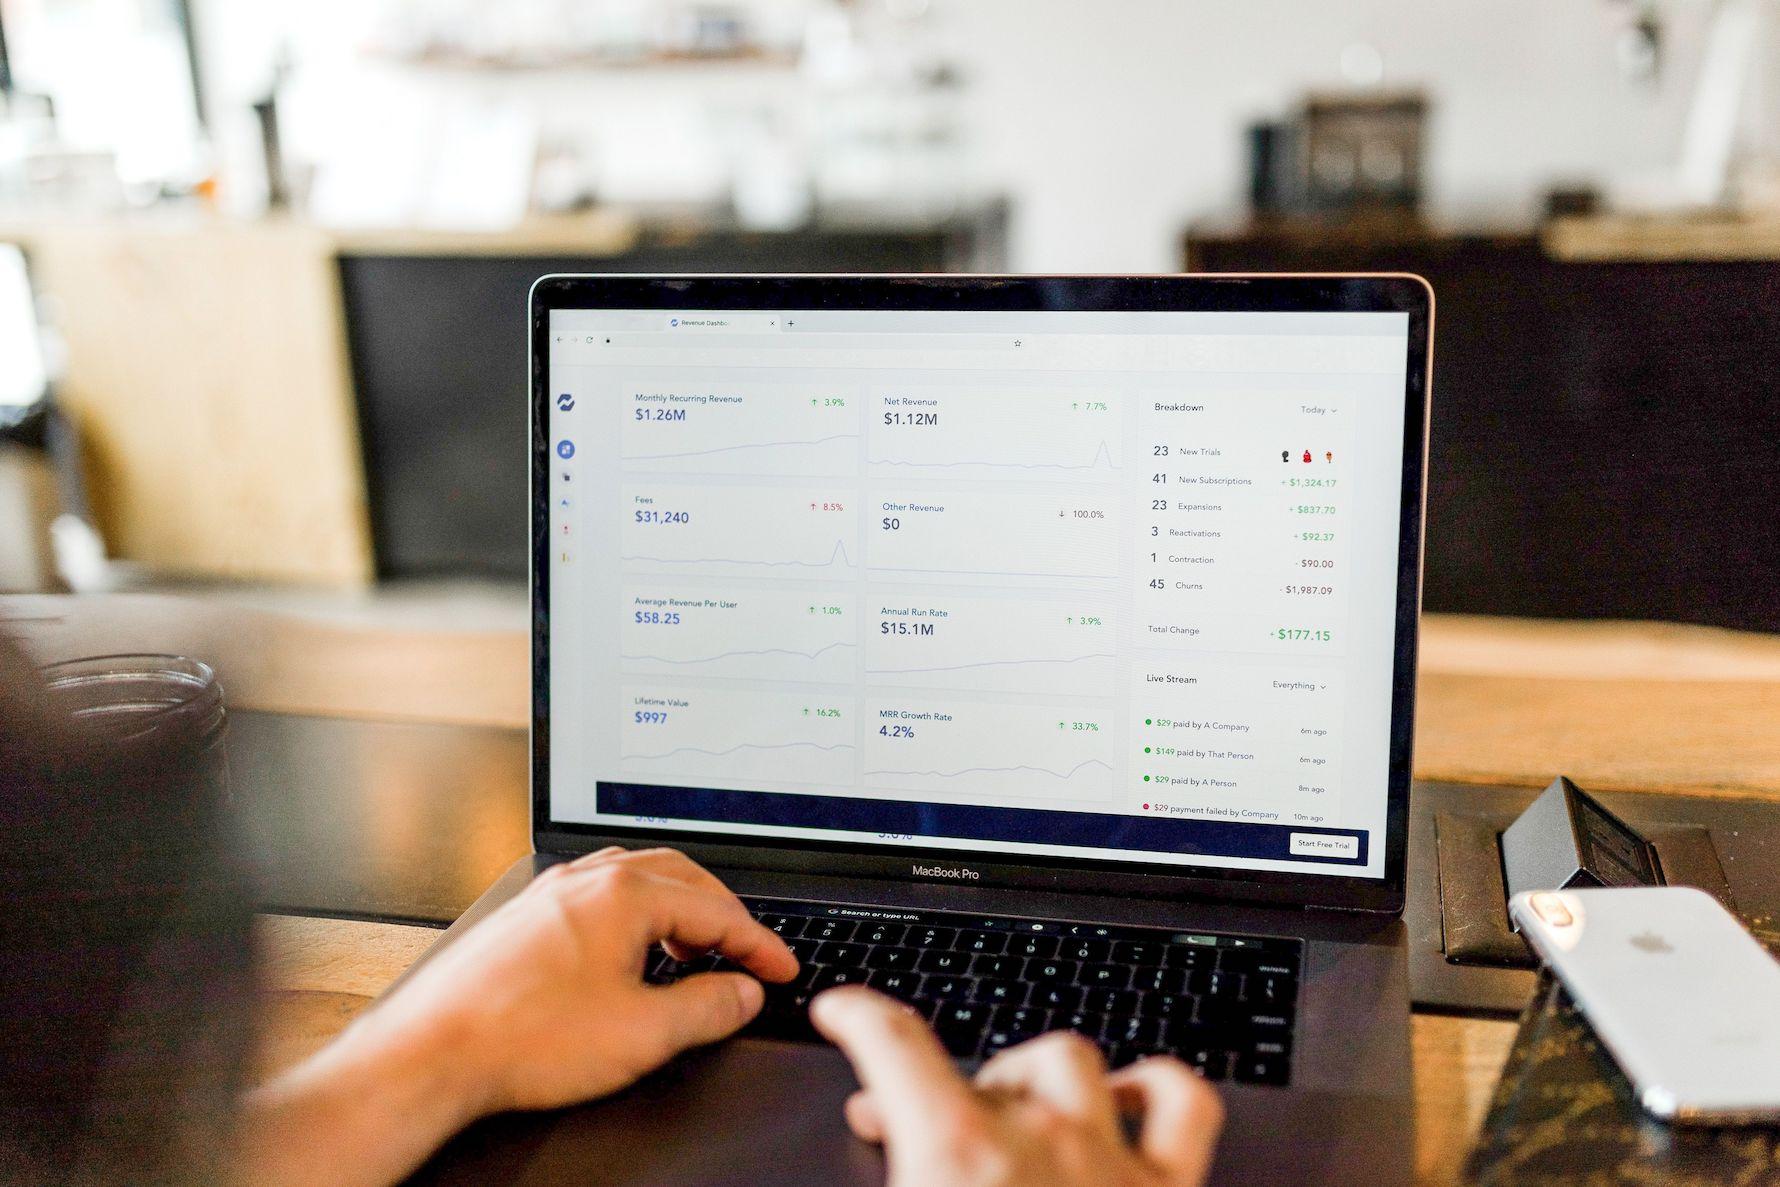 Kostenlose Online Marketing Tools für den schnellen Einsatz